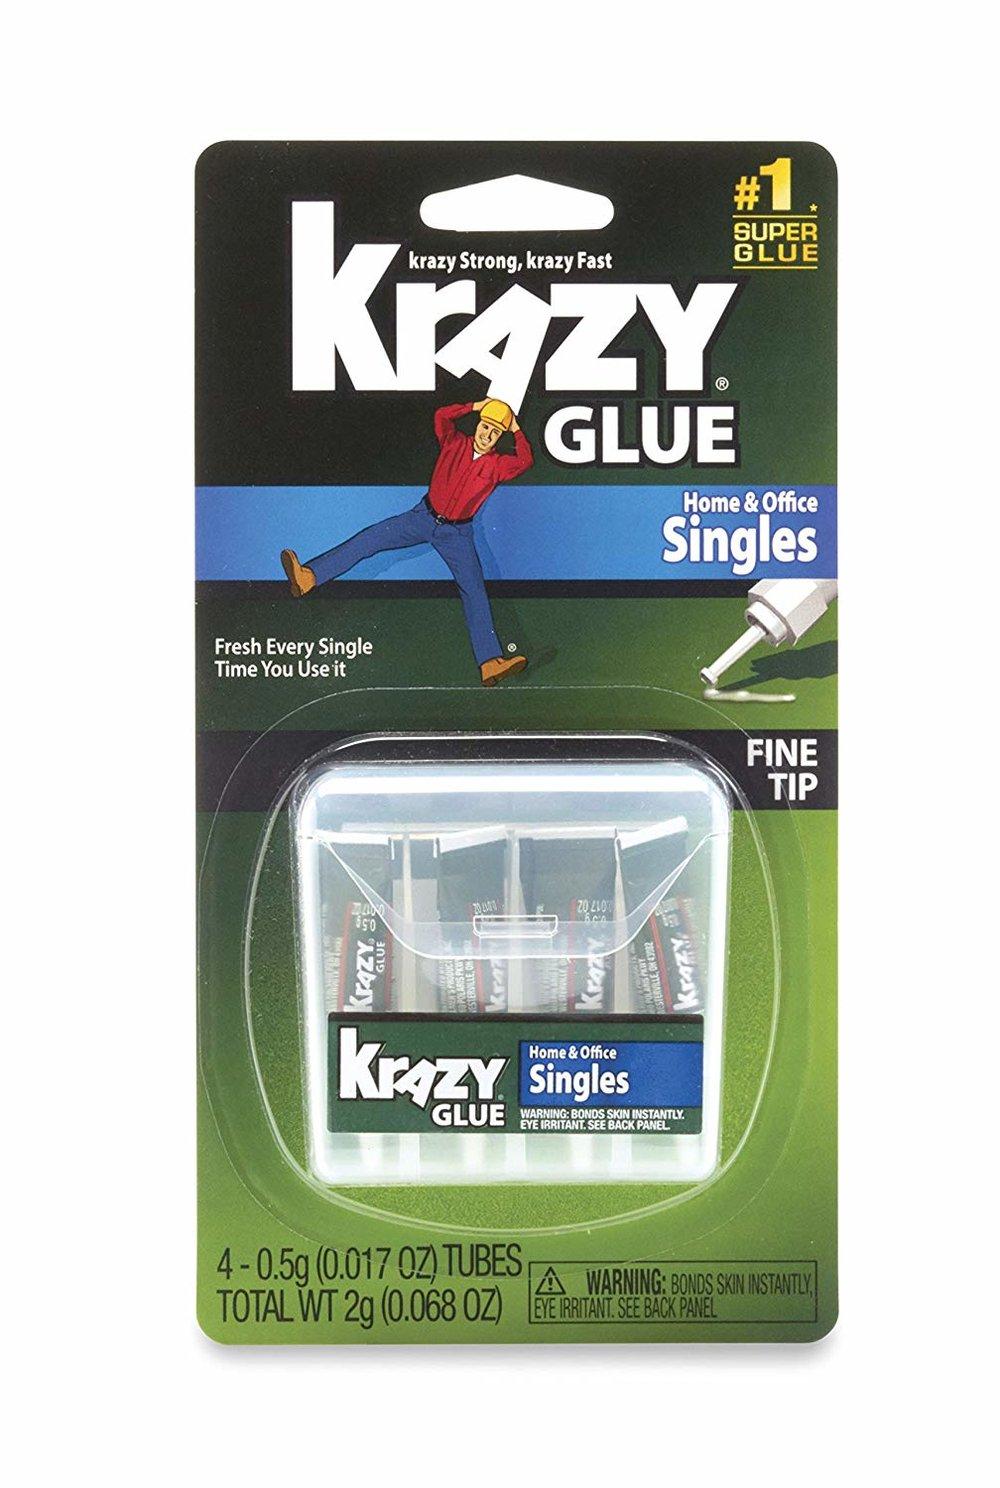 krazy glue.jpg